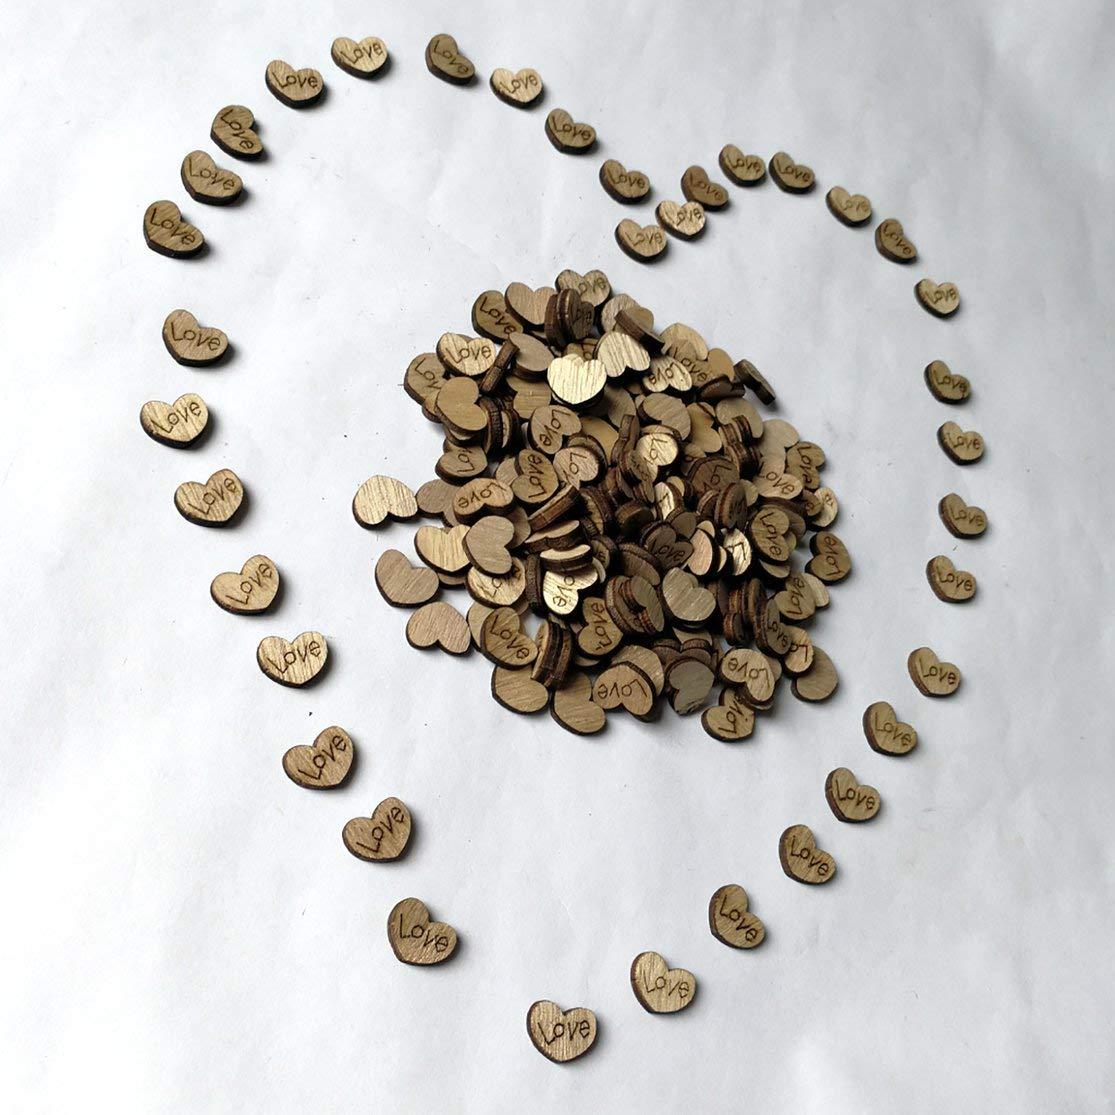 LouiseEvel215 200 Pezzi in Legno Amore Cuori Ornamenti Naturali Artigianato Arredamento Rustico in Legno Modello Cuore Amore Matrimonio Decorazione della tavola Artigianato